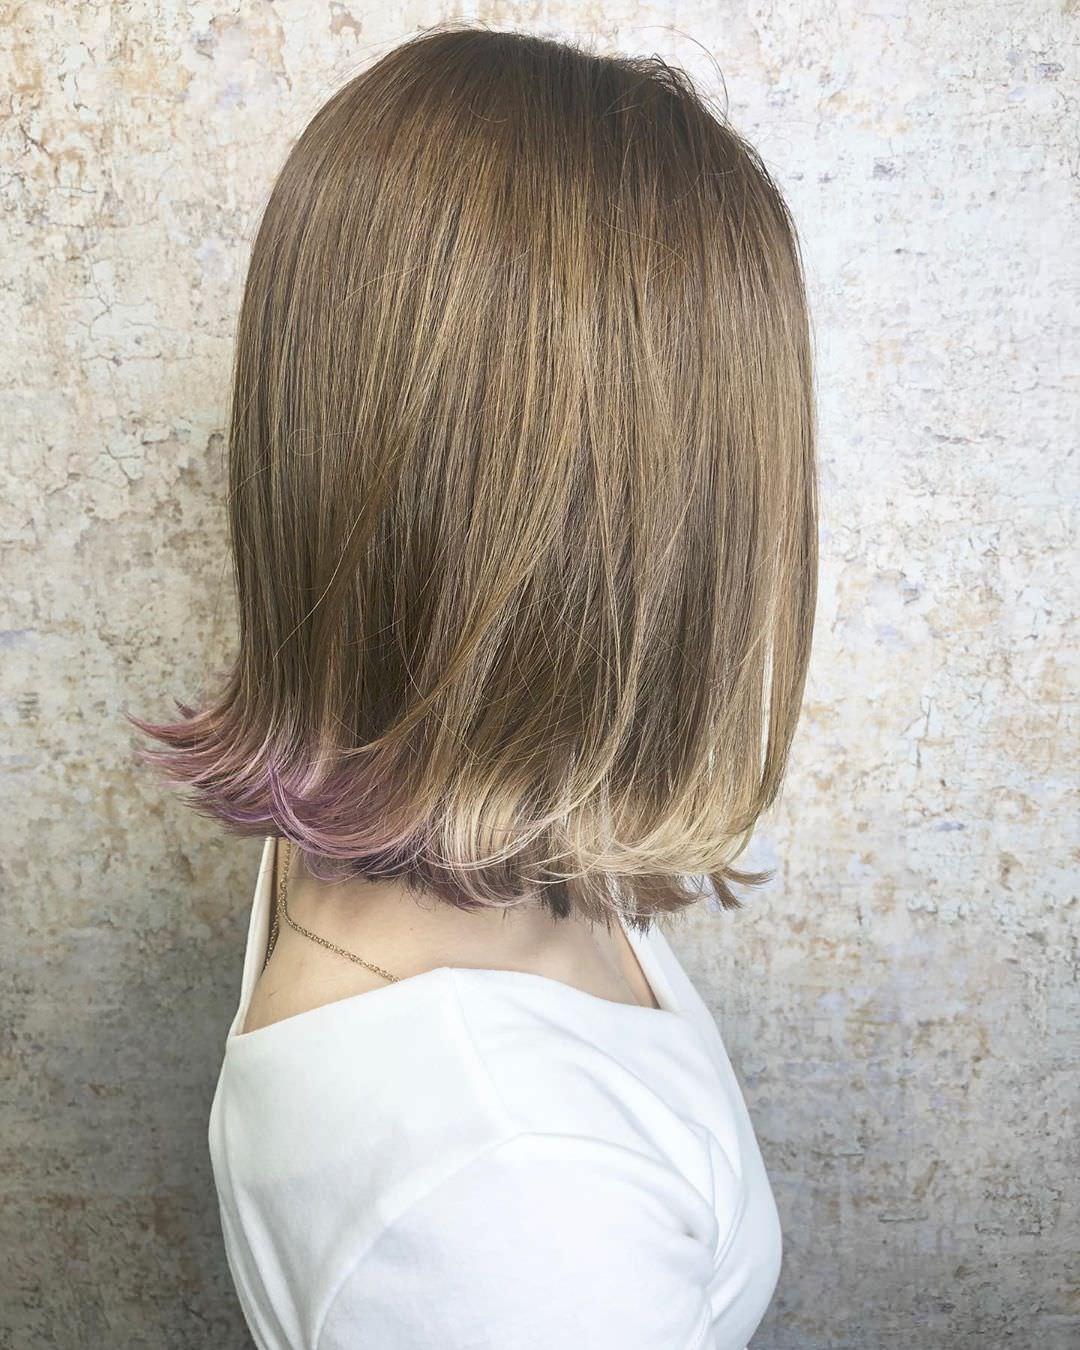 寒いから髪を結びたくない!そんな女子たちにおすすめの巻き髪スタイル9